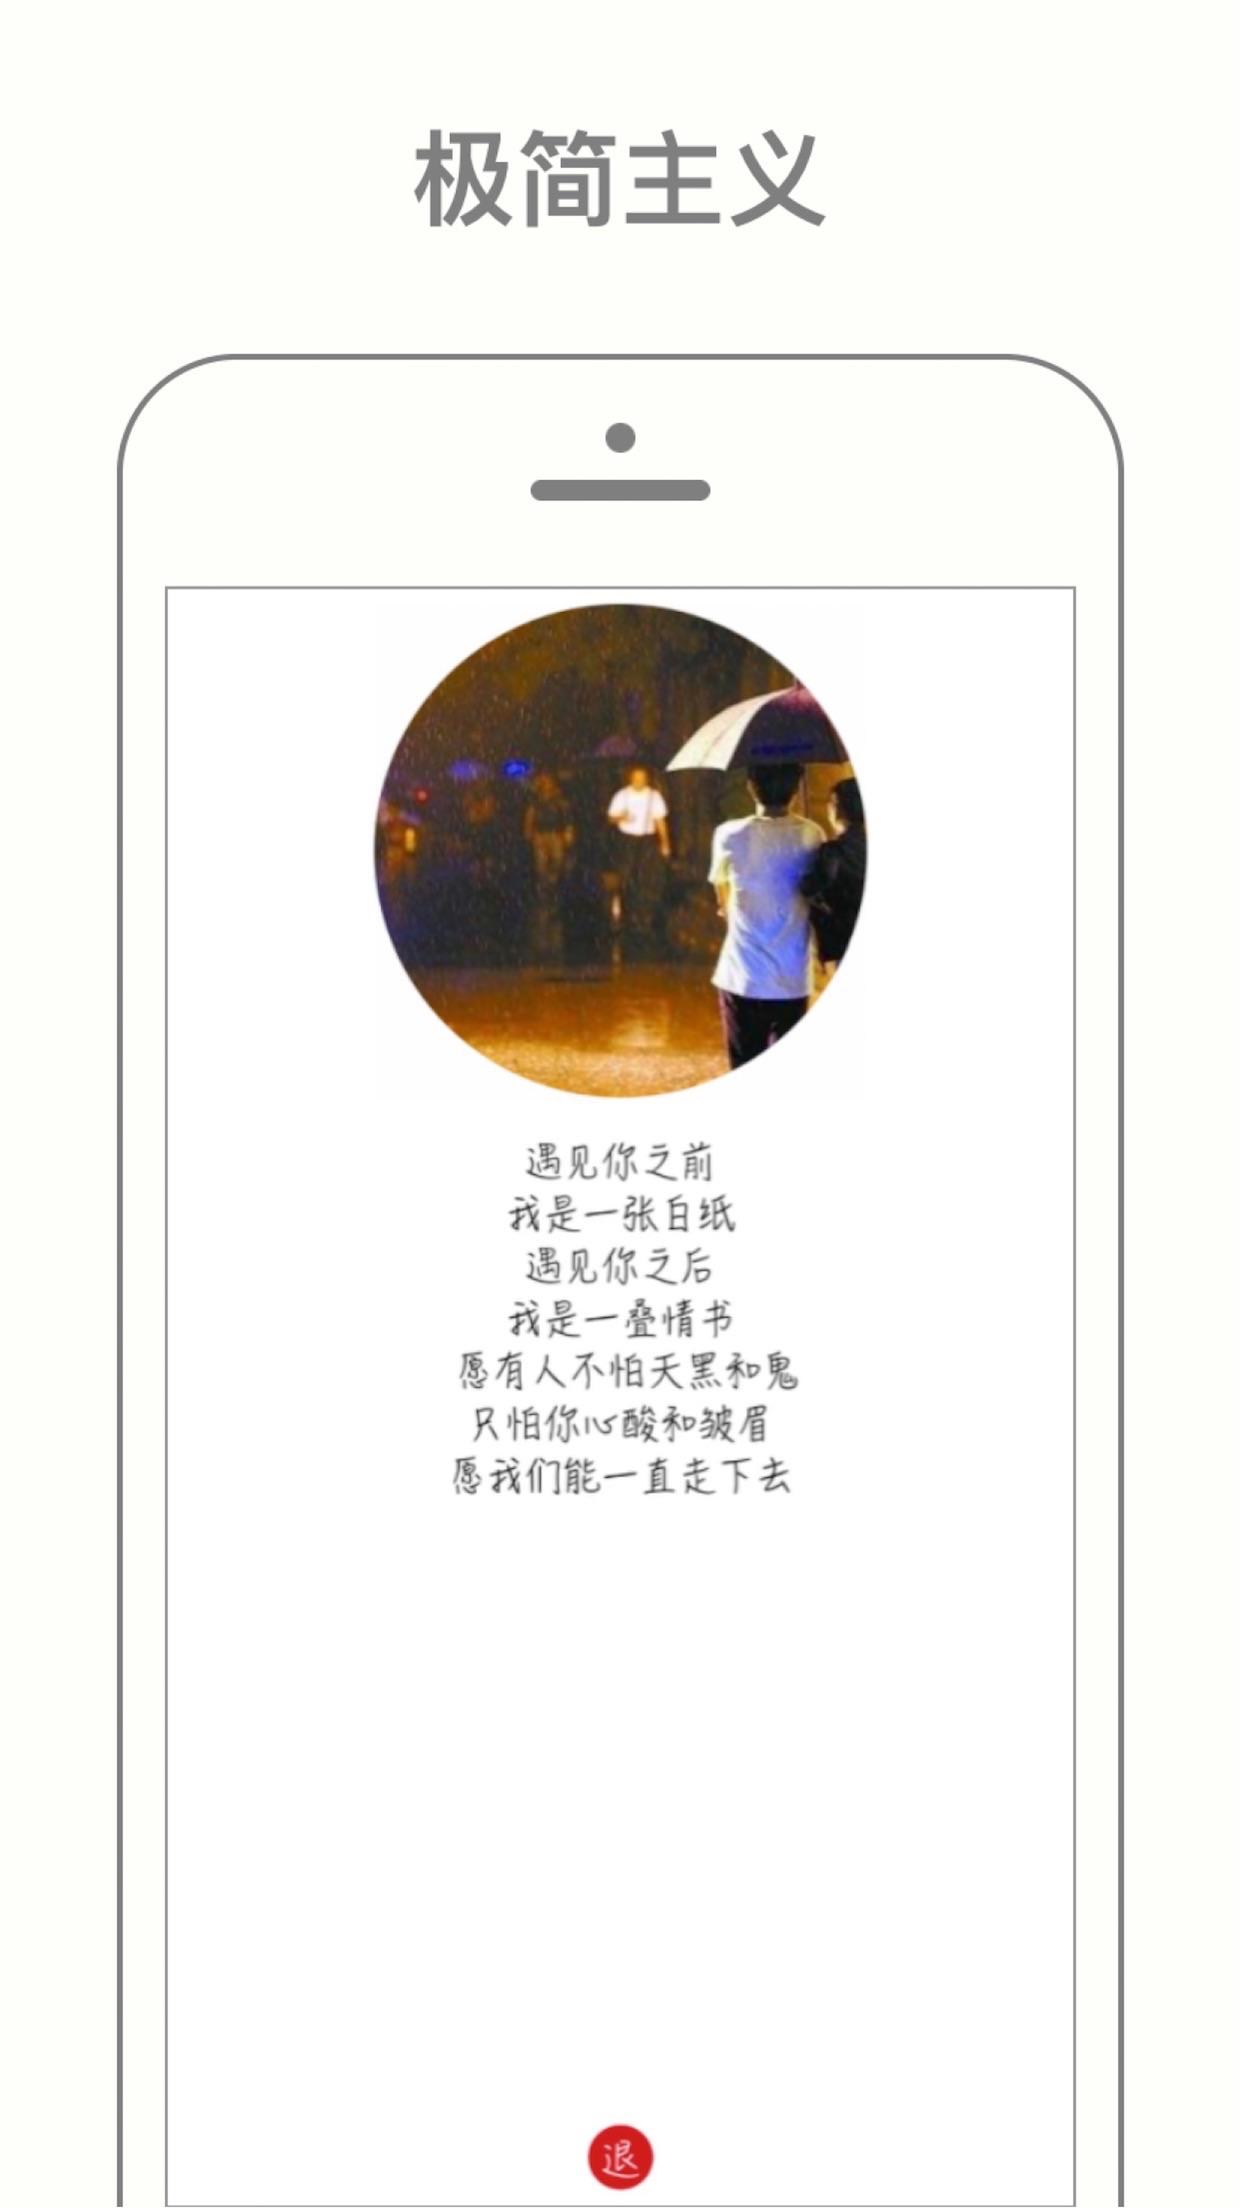 知记 - 私密日记本 Screenshot